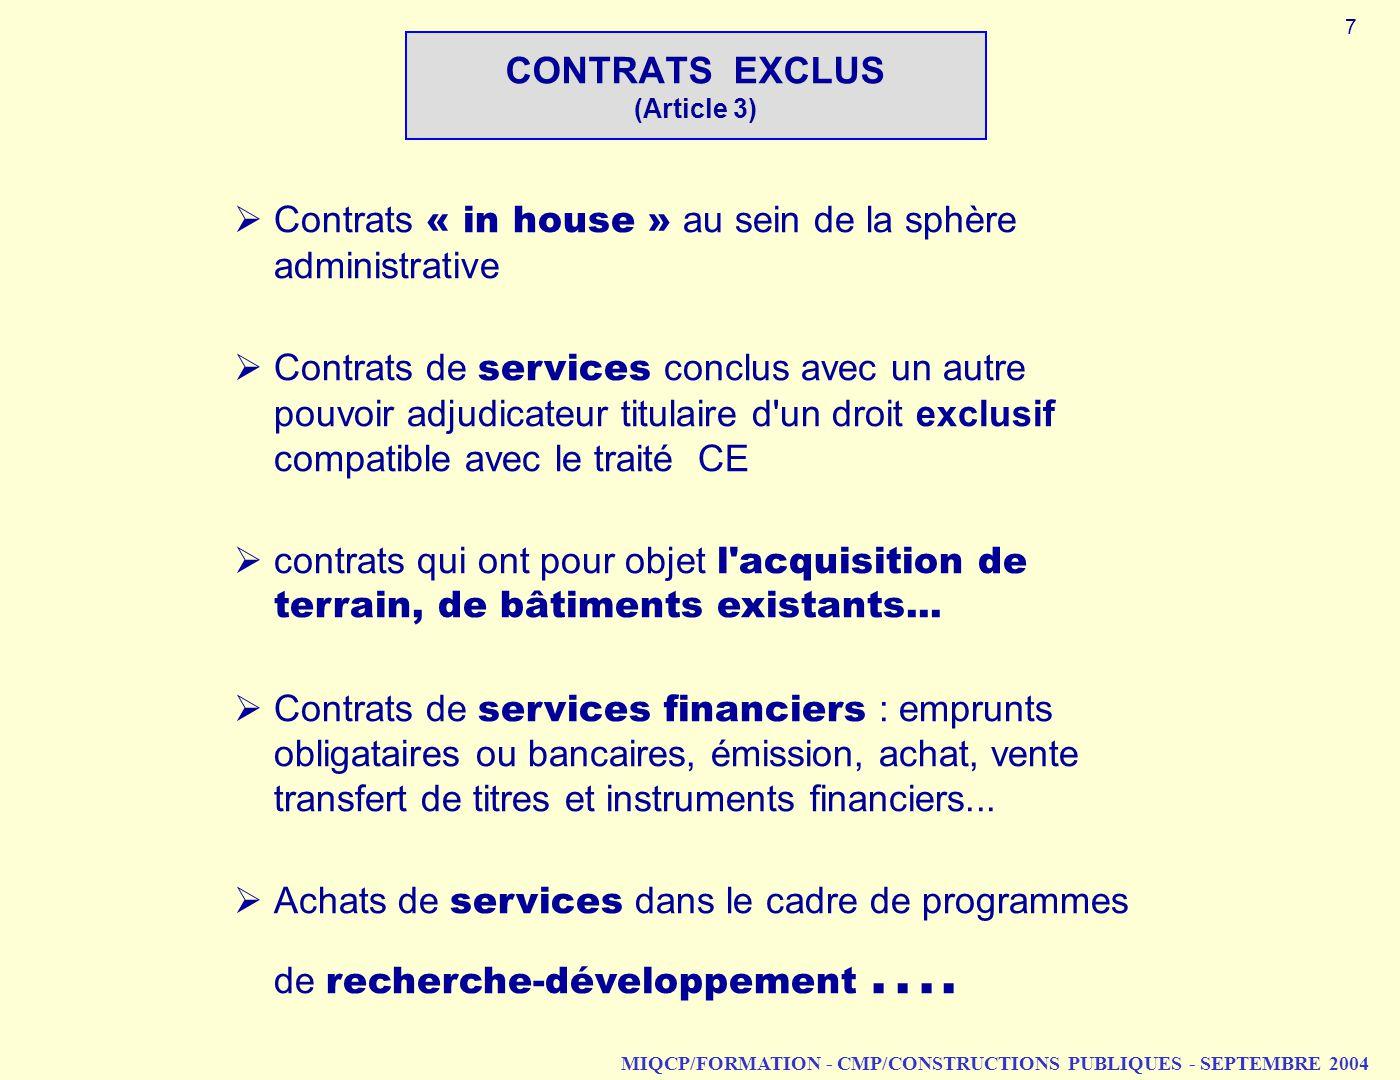 MIQCP/FORMATION - CMP/CONSTRUCTIONS PUBLIQUES - SEPTEMBRE 2004 CONTRATS EXCLUS (Article 3) Contrats « in house » au sein de la sphère administrative C